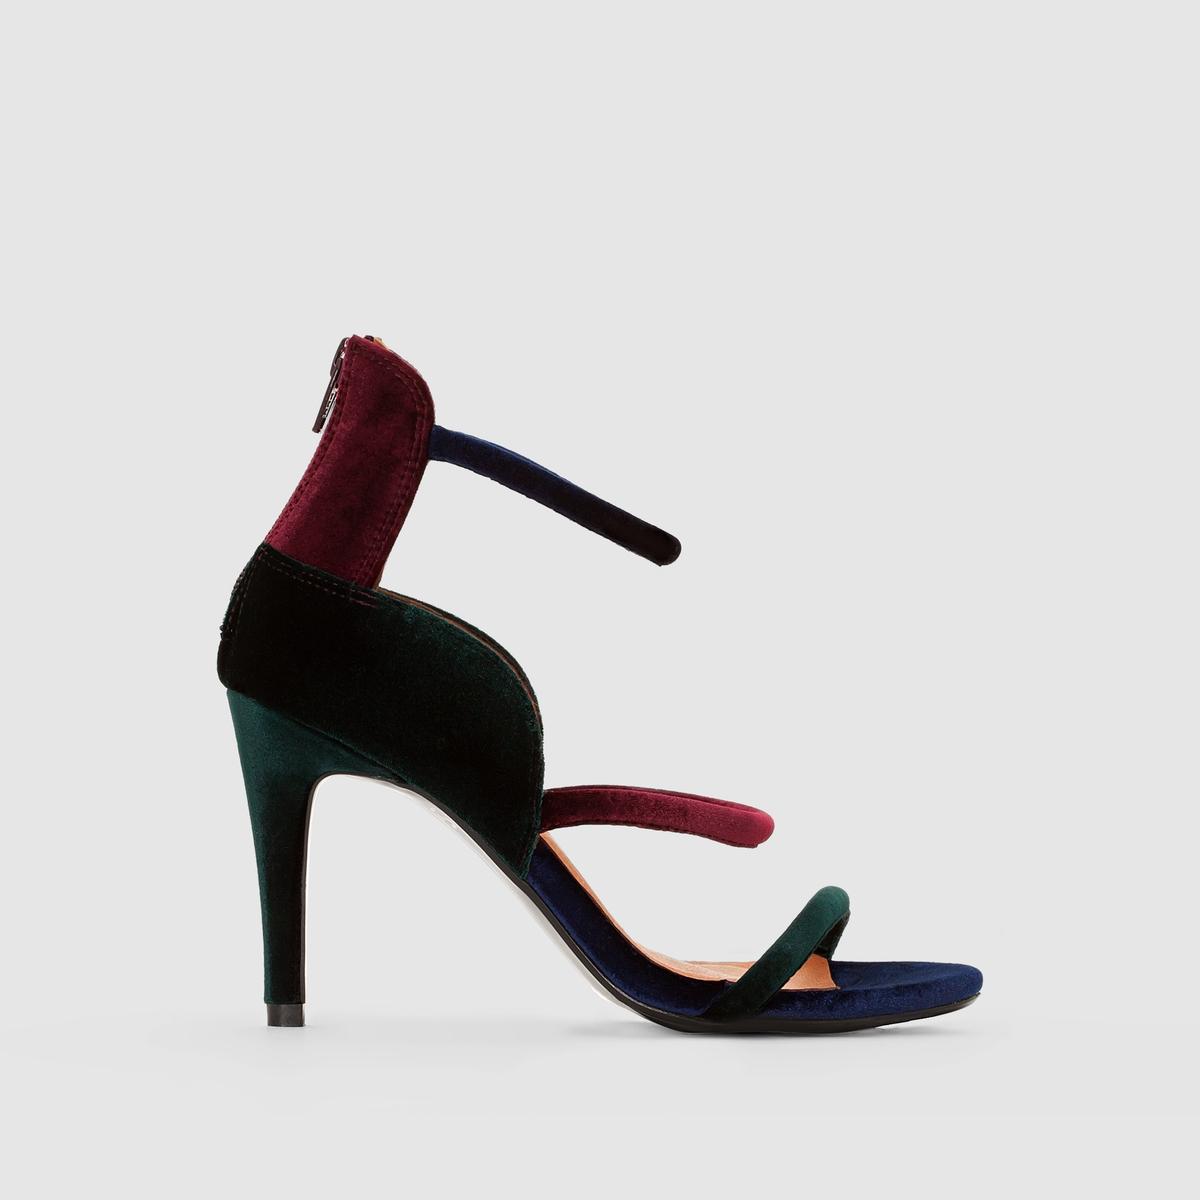 Босоножки велюровые на высоком каблукеПреимущества : молния сзади, тонкие ремешки и многоцветный велюр этой модели позволяют по новому взглянуть на стиль босоножек.<br><br>Цвет: разноцветный<br>Размер: 37.38.39.40